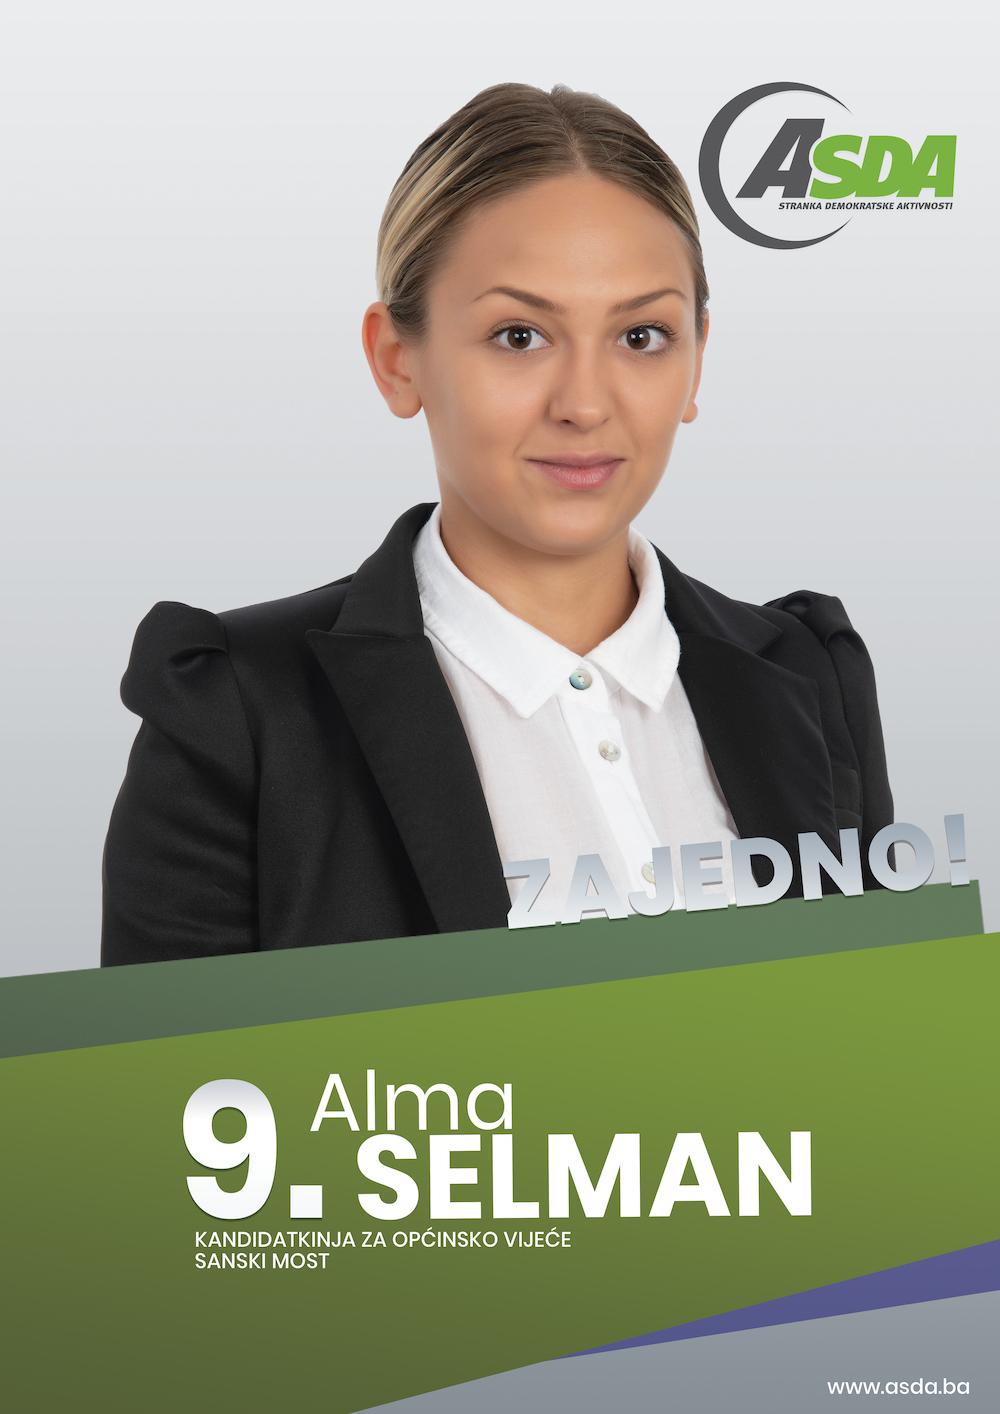 Alma Selman